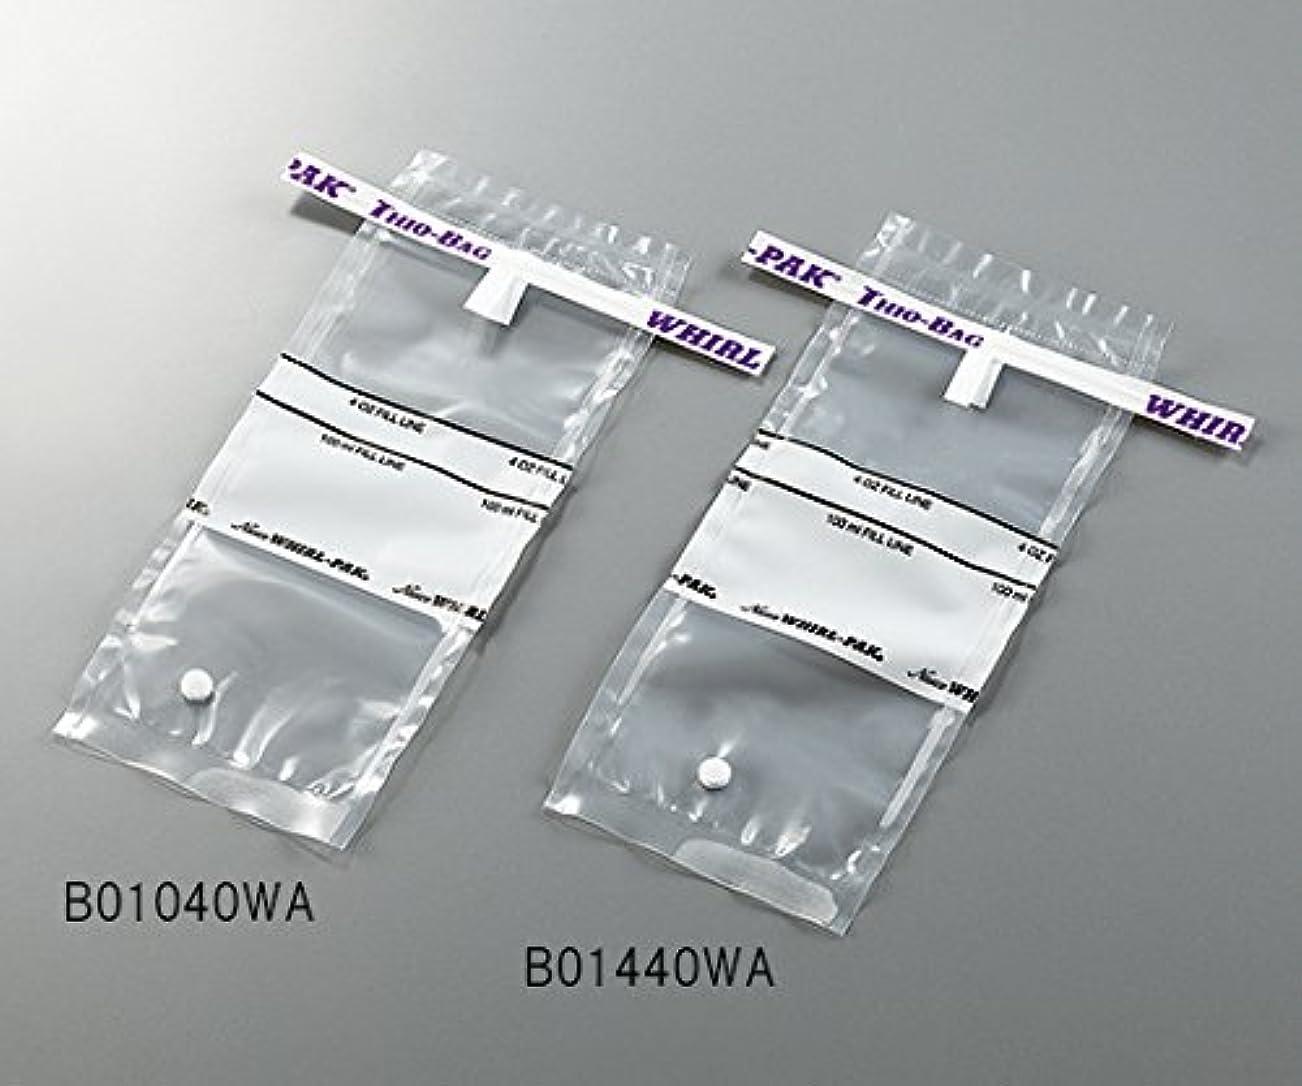 待って会議矢印3-5414-01採水用サンプリングバッグ100mLチオ硫酸ナトリウム含有量10g